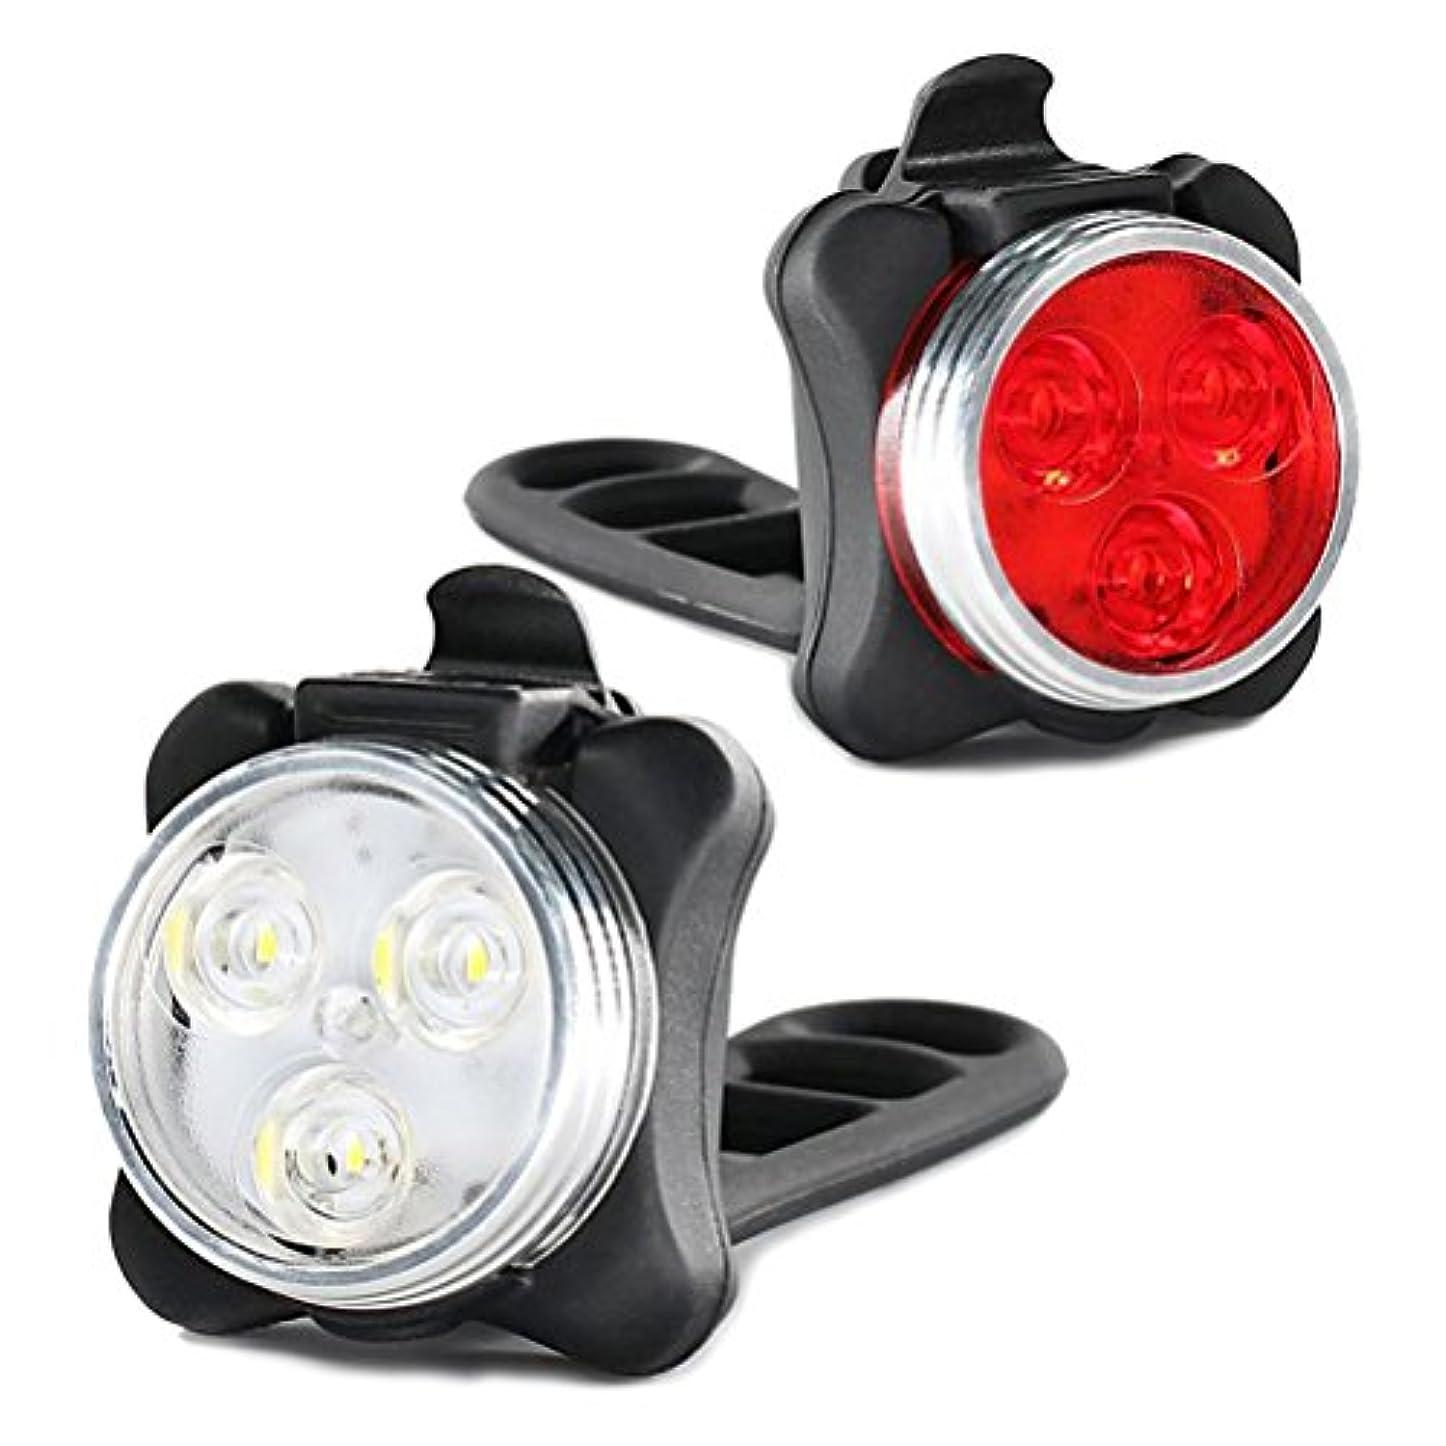 郵便屋さんメモ人気WINOMO 自転車ライト フロントライト バイク ライト USB充電式 防水 安全ライト スーパーブライト デュアルカラー 自転車 MTBロードバイク アクセサリー 2ピース(赤と白)